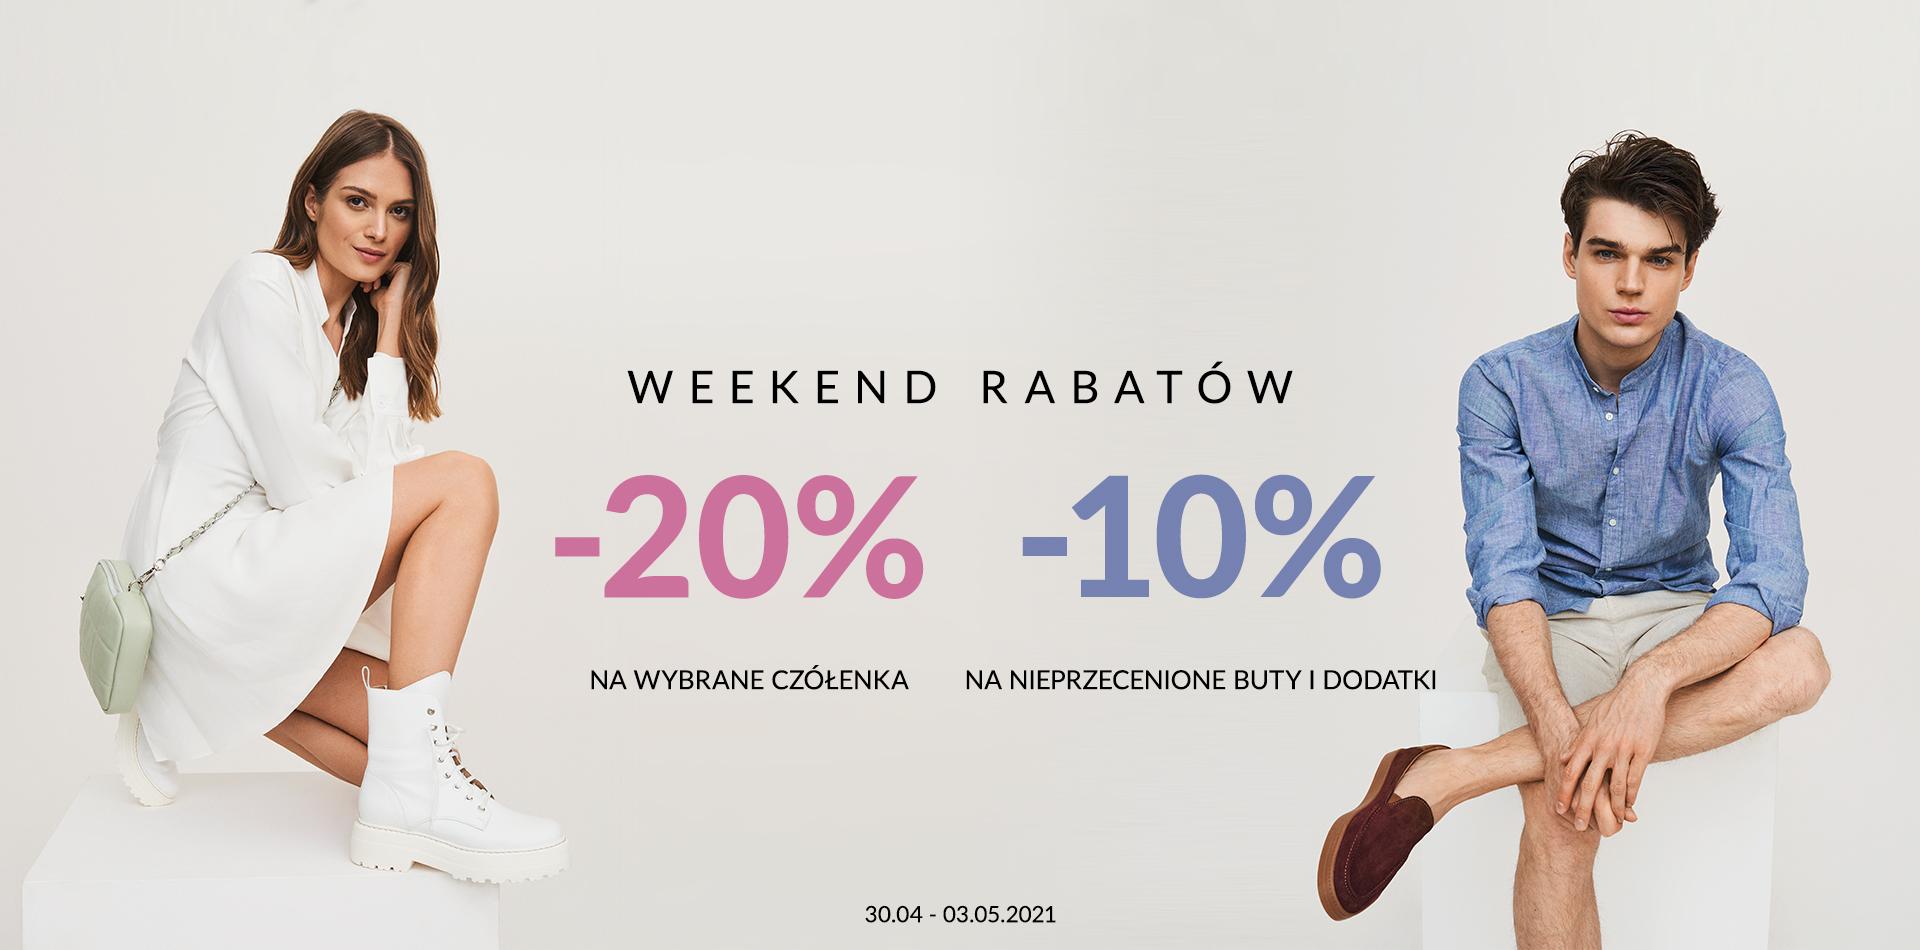 Ryłko Ryłko: 20% zniżki na wybrane czółenka oraz 10% zniżki na nieprzecenione buty i dodatki